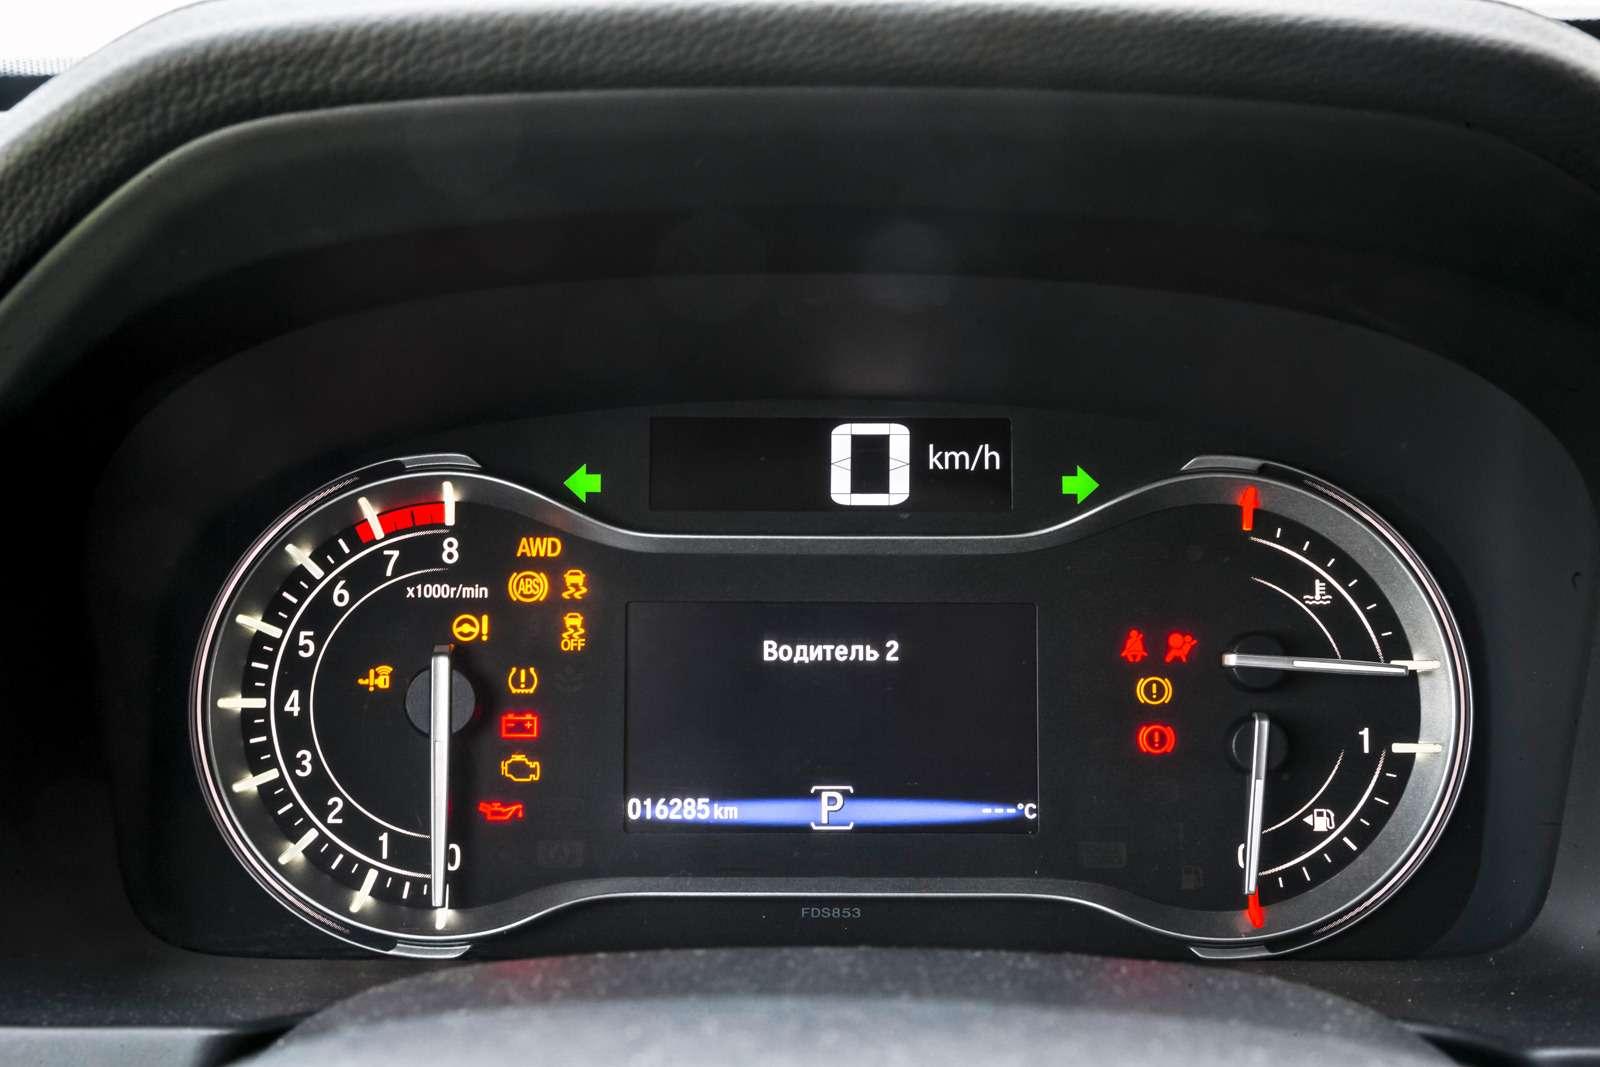 Тест полноразмерных кроссоверов: Honda Pilot, Kia Sorento Prime иFord Explorer— фото 614973